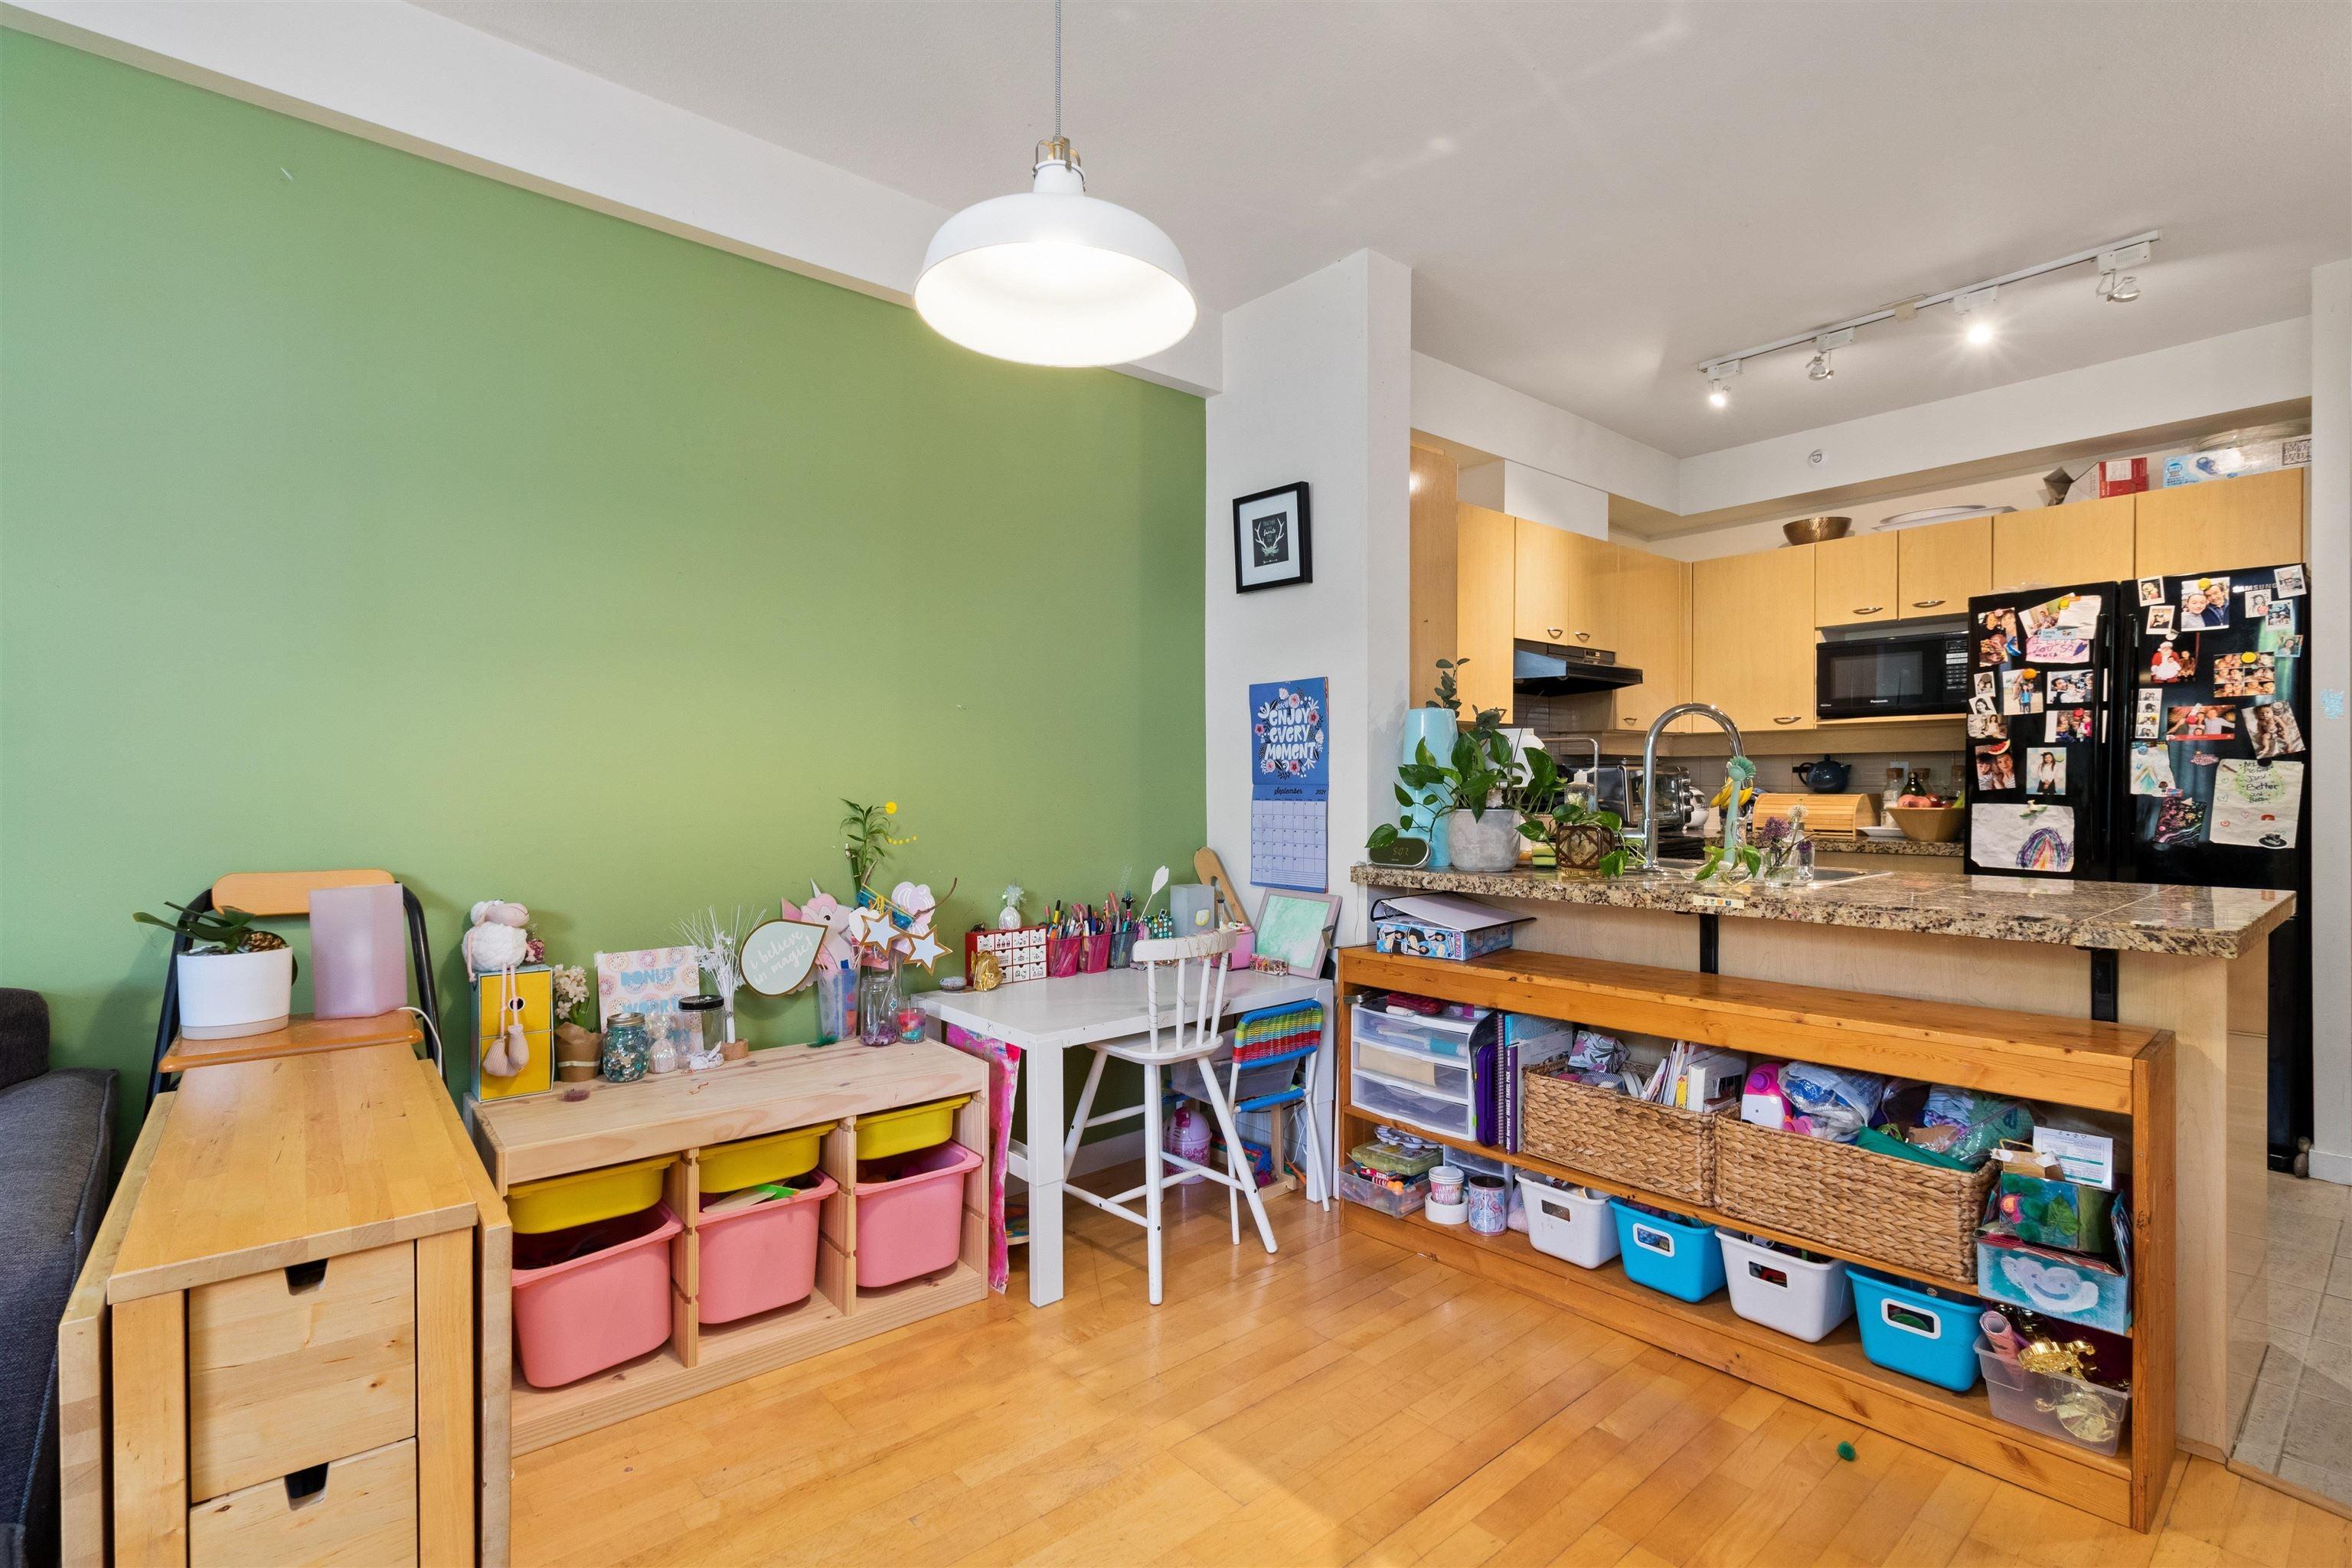 209 2228 MARSTRAND AVENUE - Kitsilano Apartment/Condo for sale, 1 Bedroom (R2617246) - #6